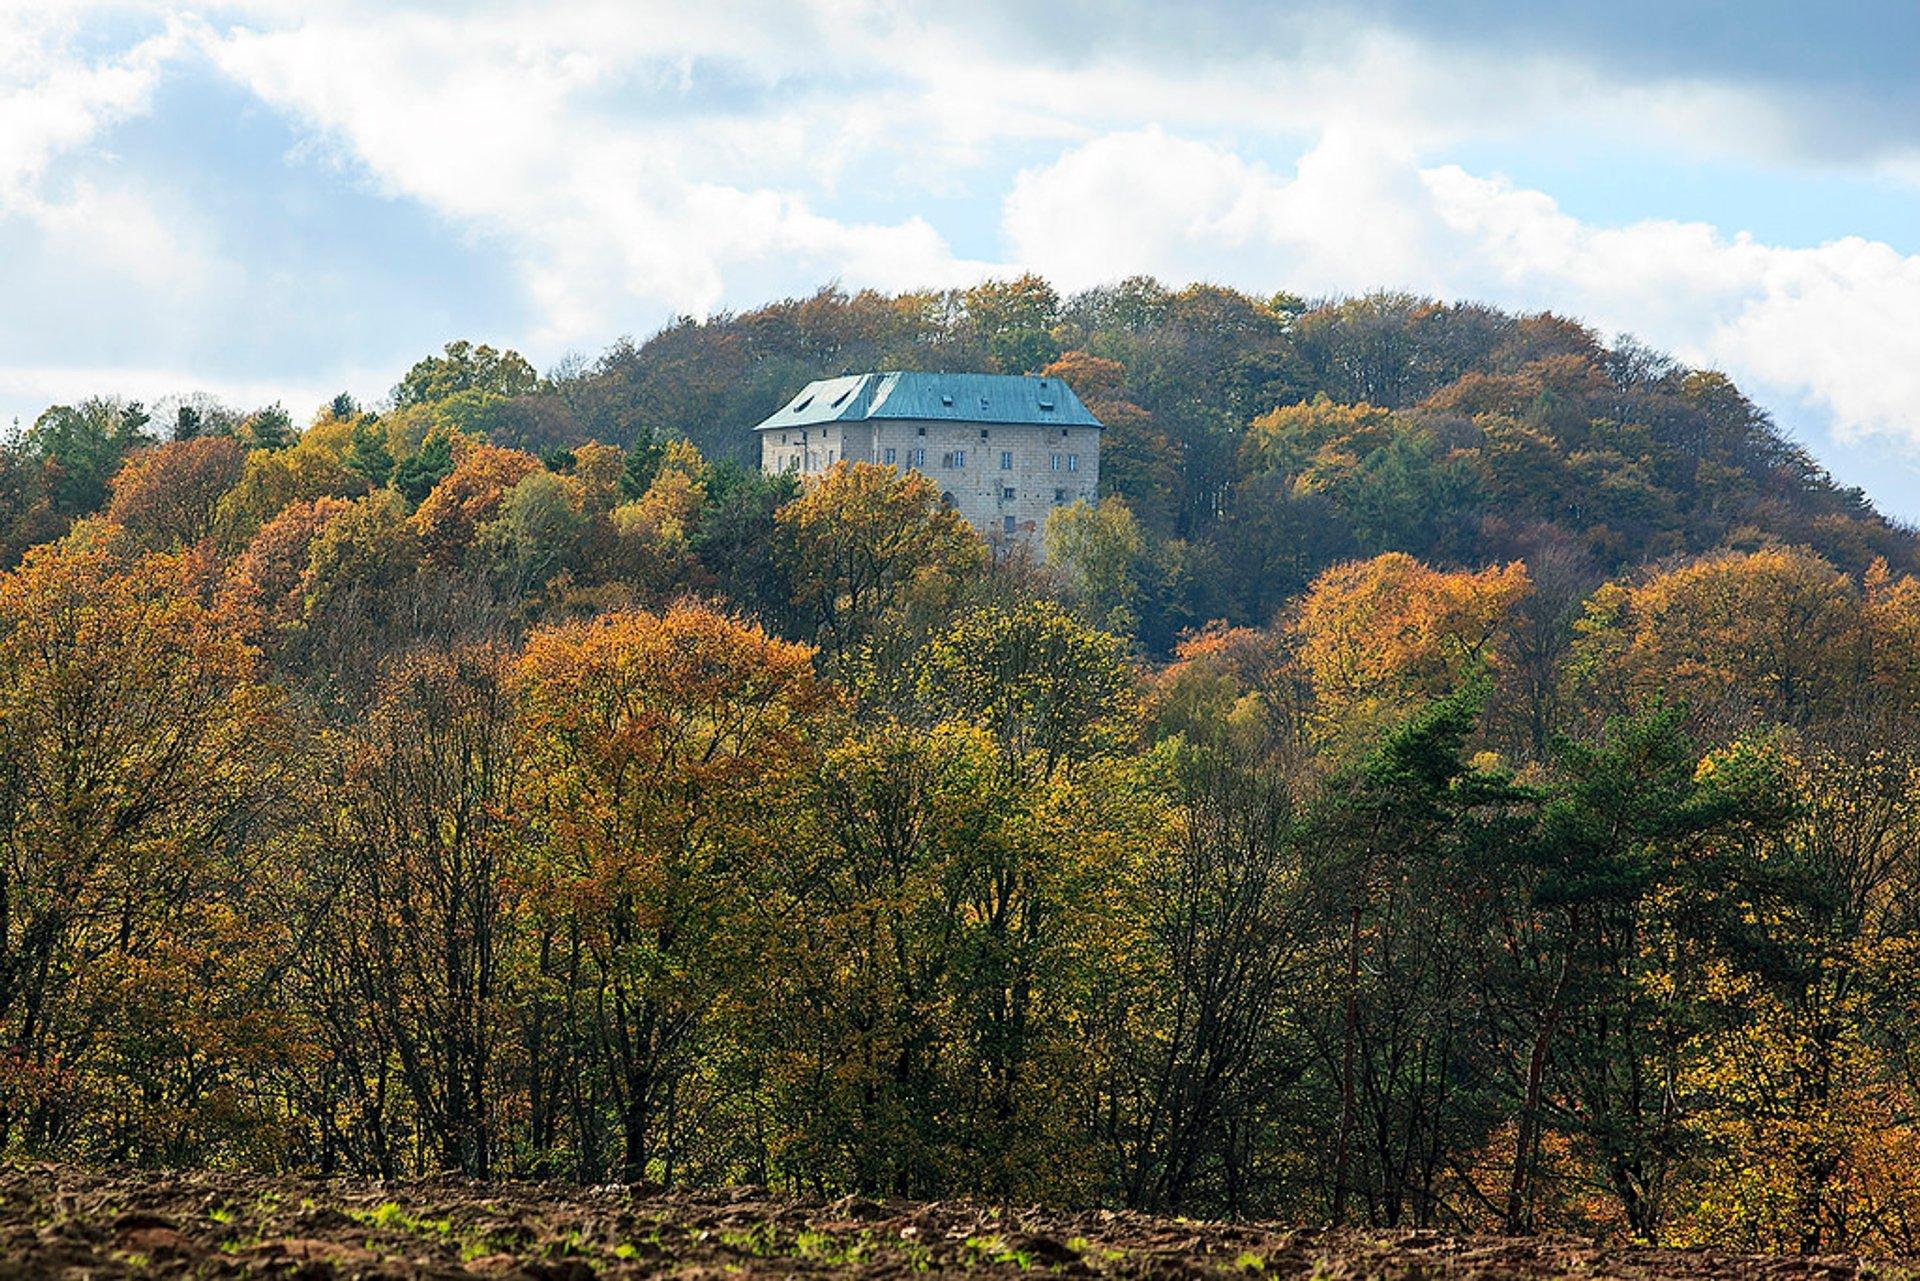 Houska Castle in Czech Republic 2020 - Best Time